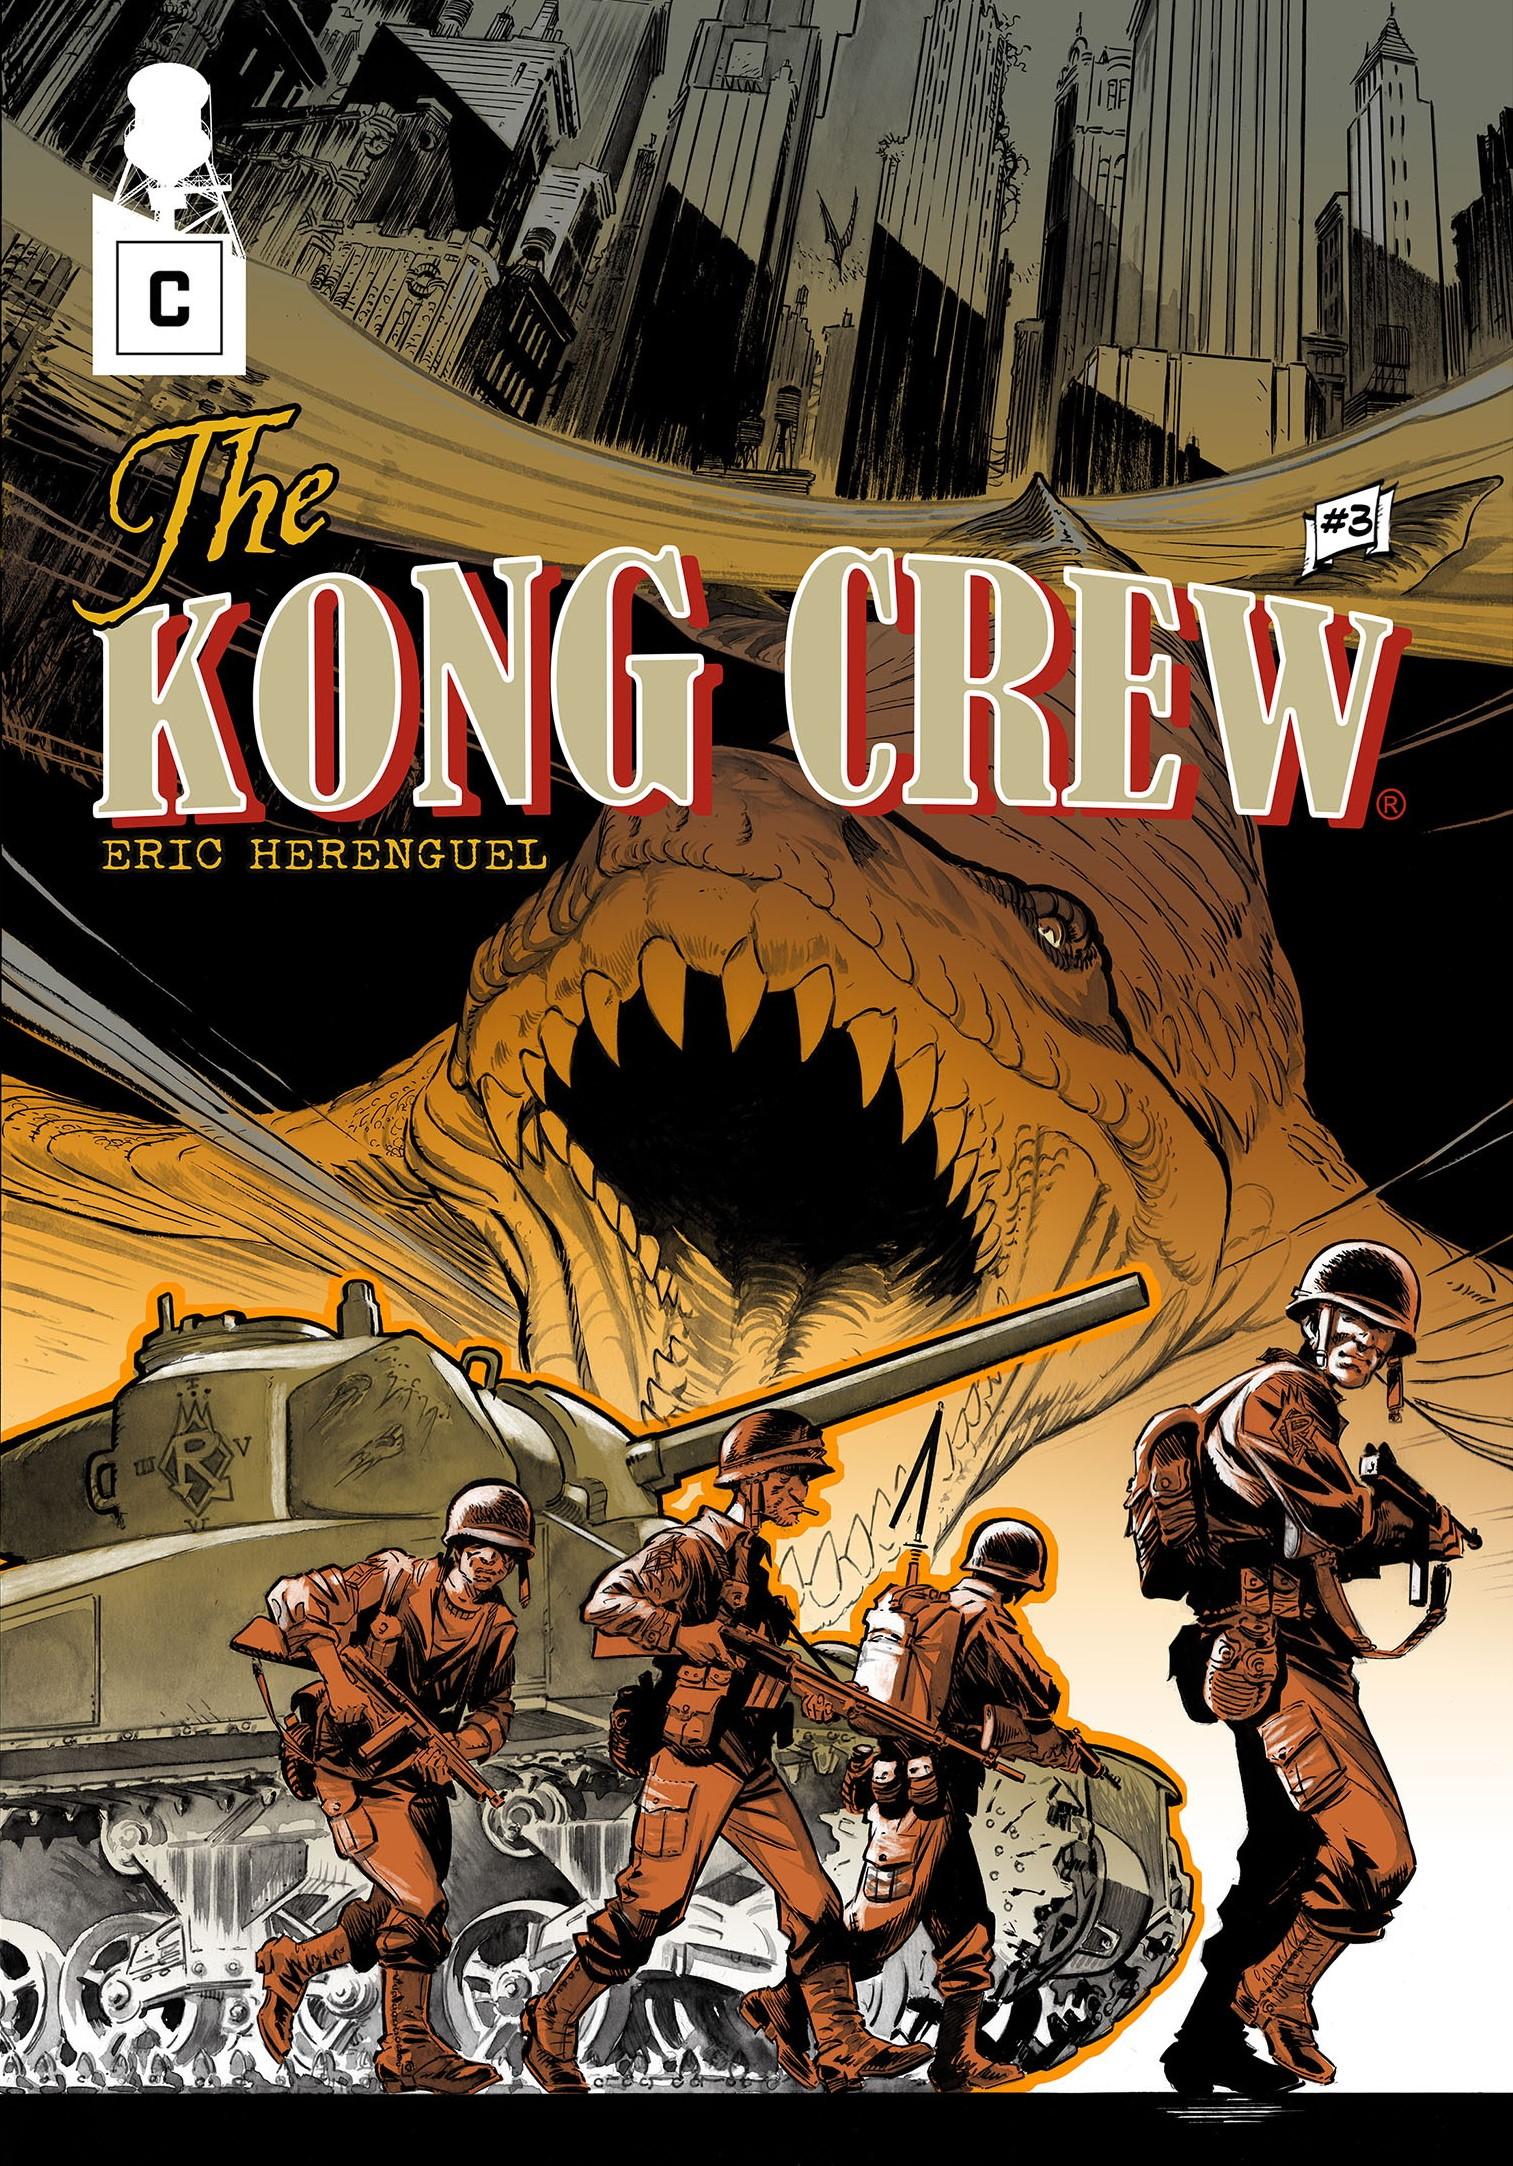 Couverture de Kong Crew 3 d'Eric Herenguel.